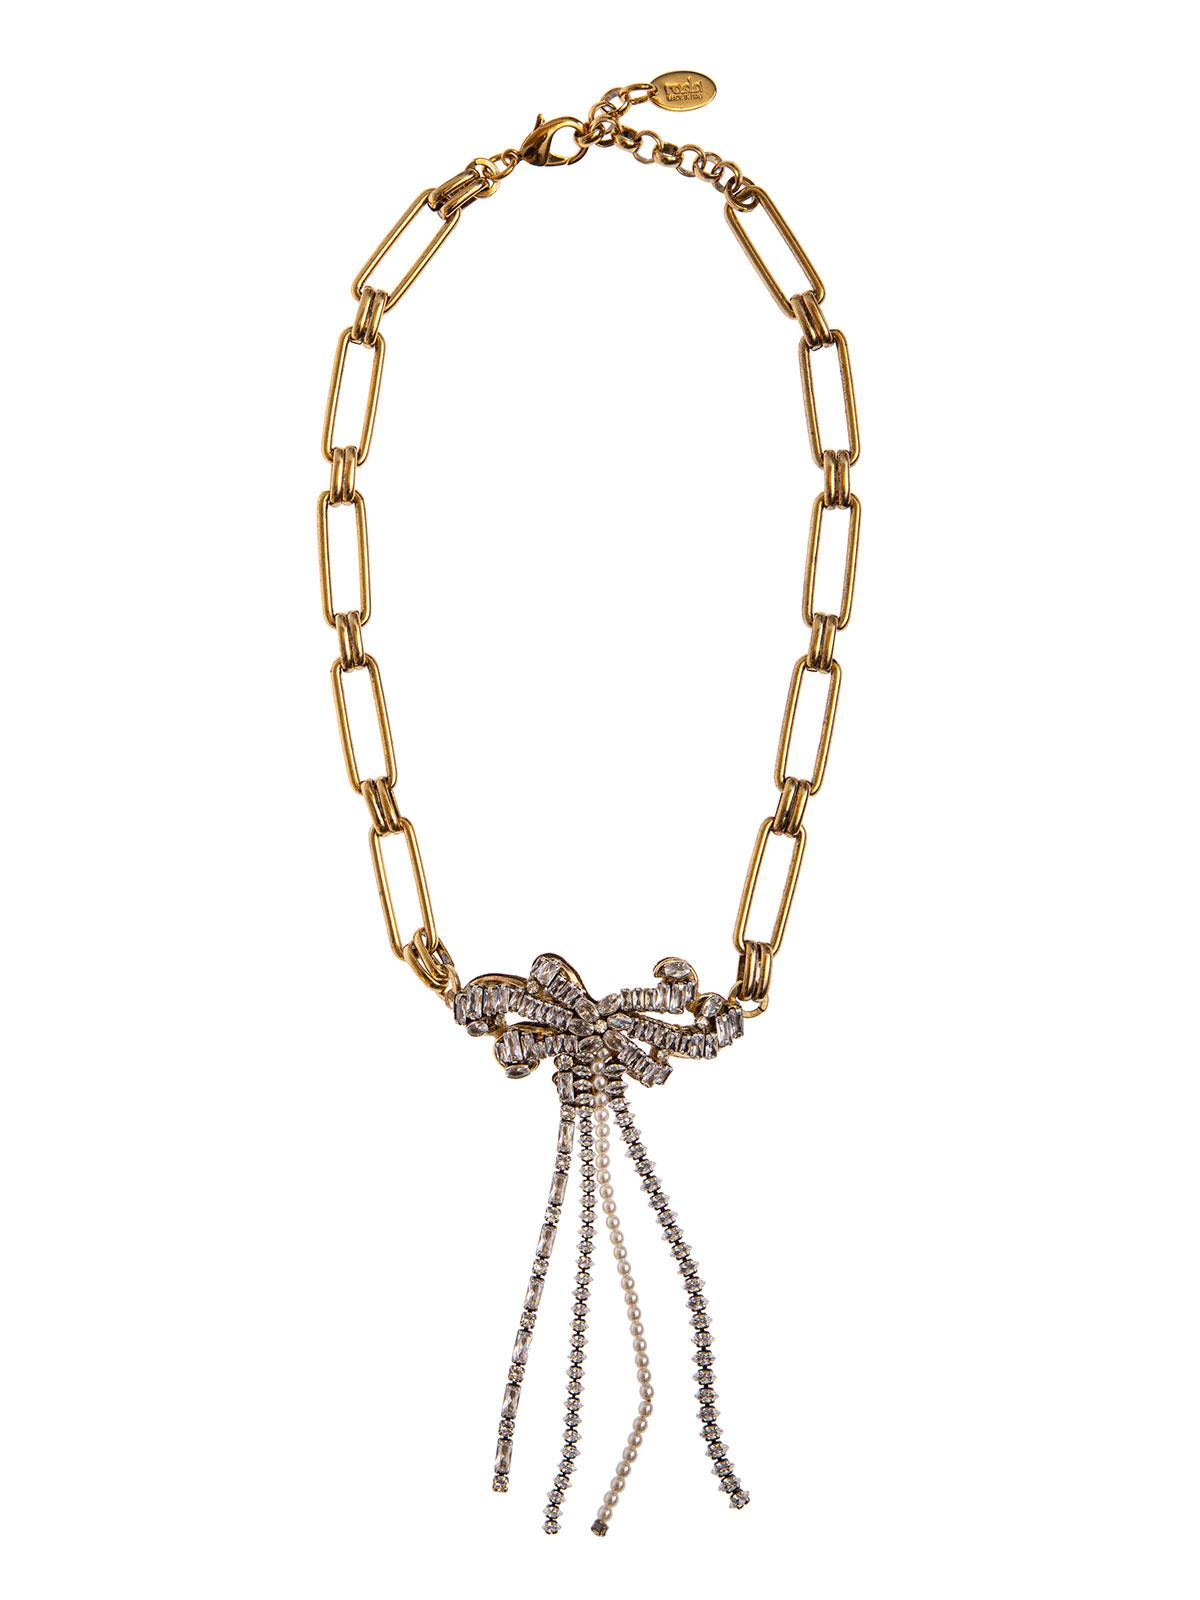 Collana di catena con decorazione centrale riccioli gioiello e cascata di pietre e perle